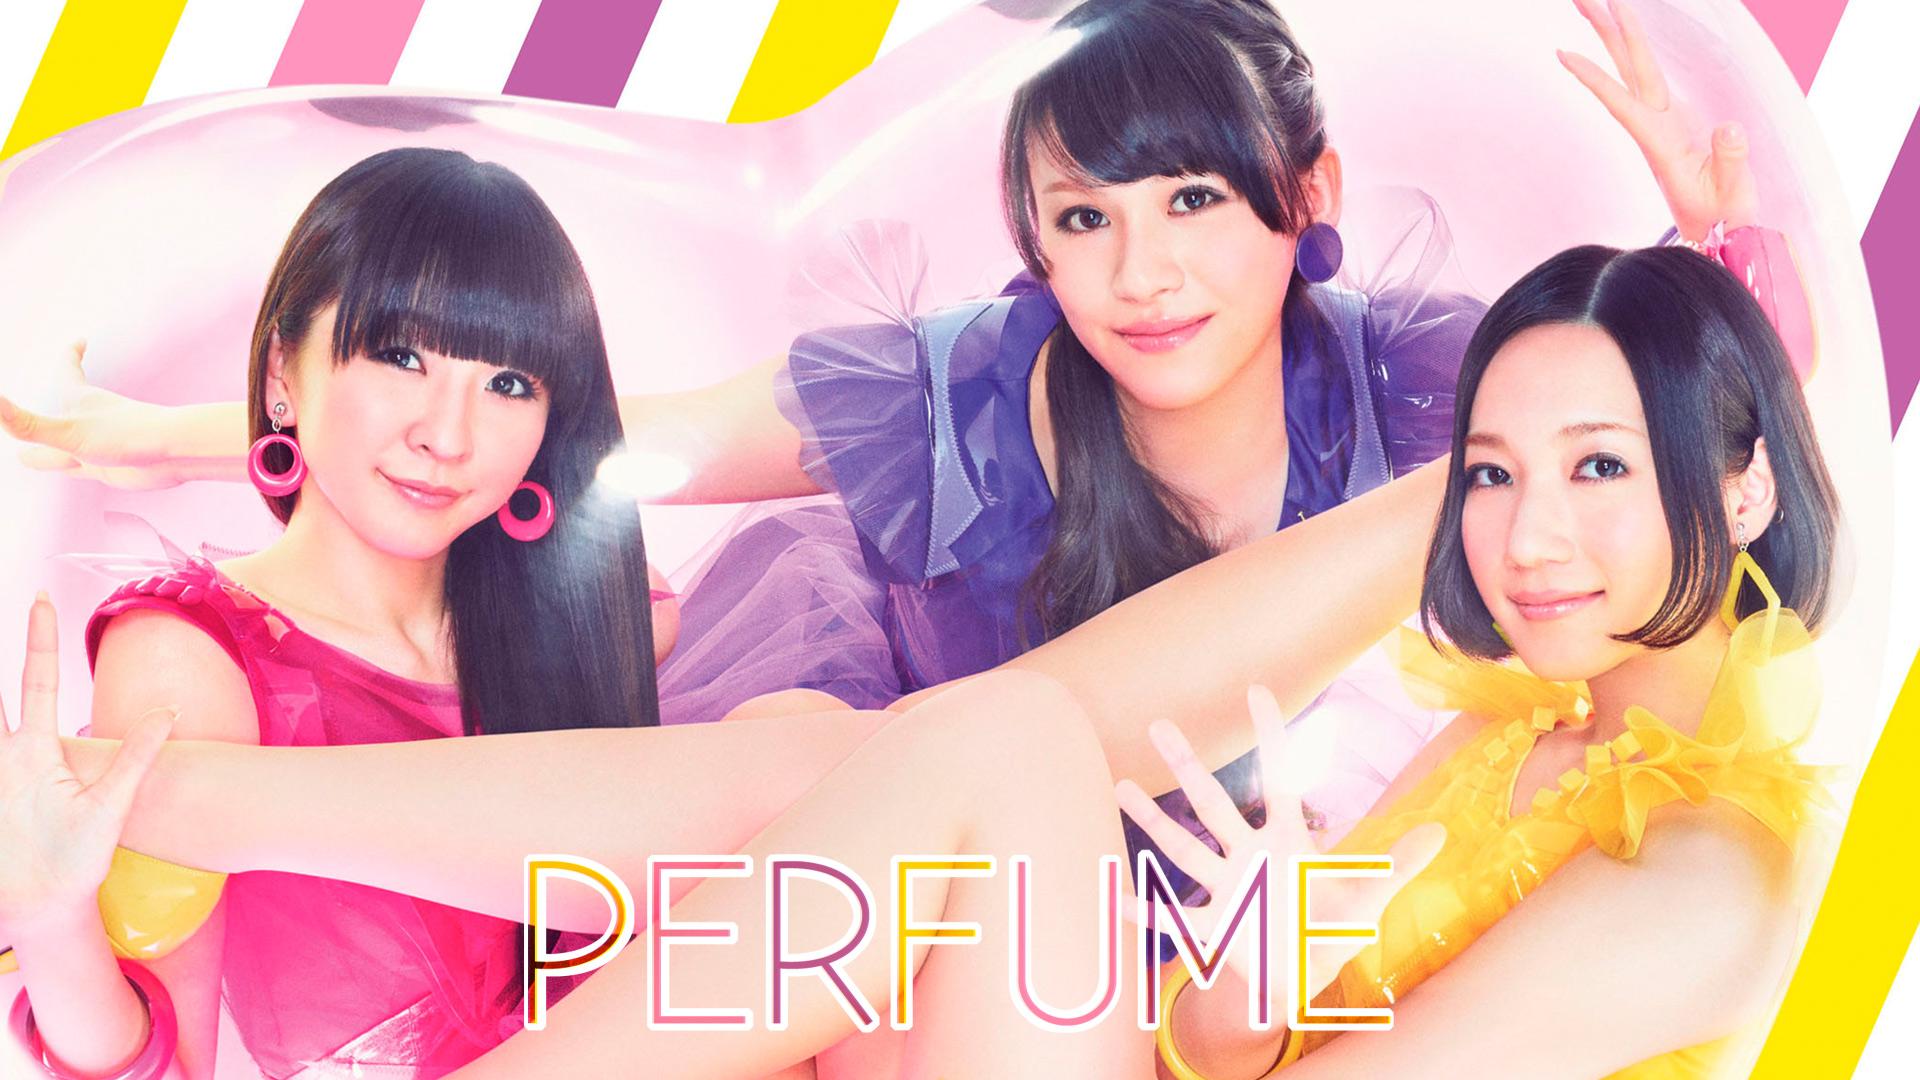 www.perfumesbarcelona.net